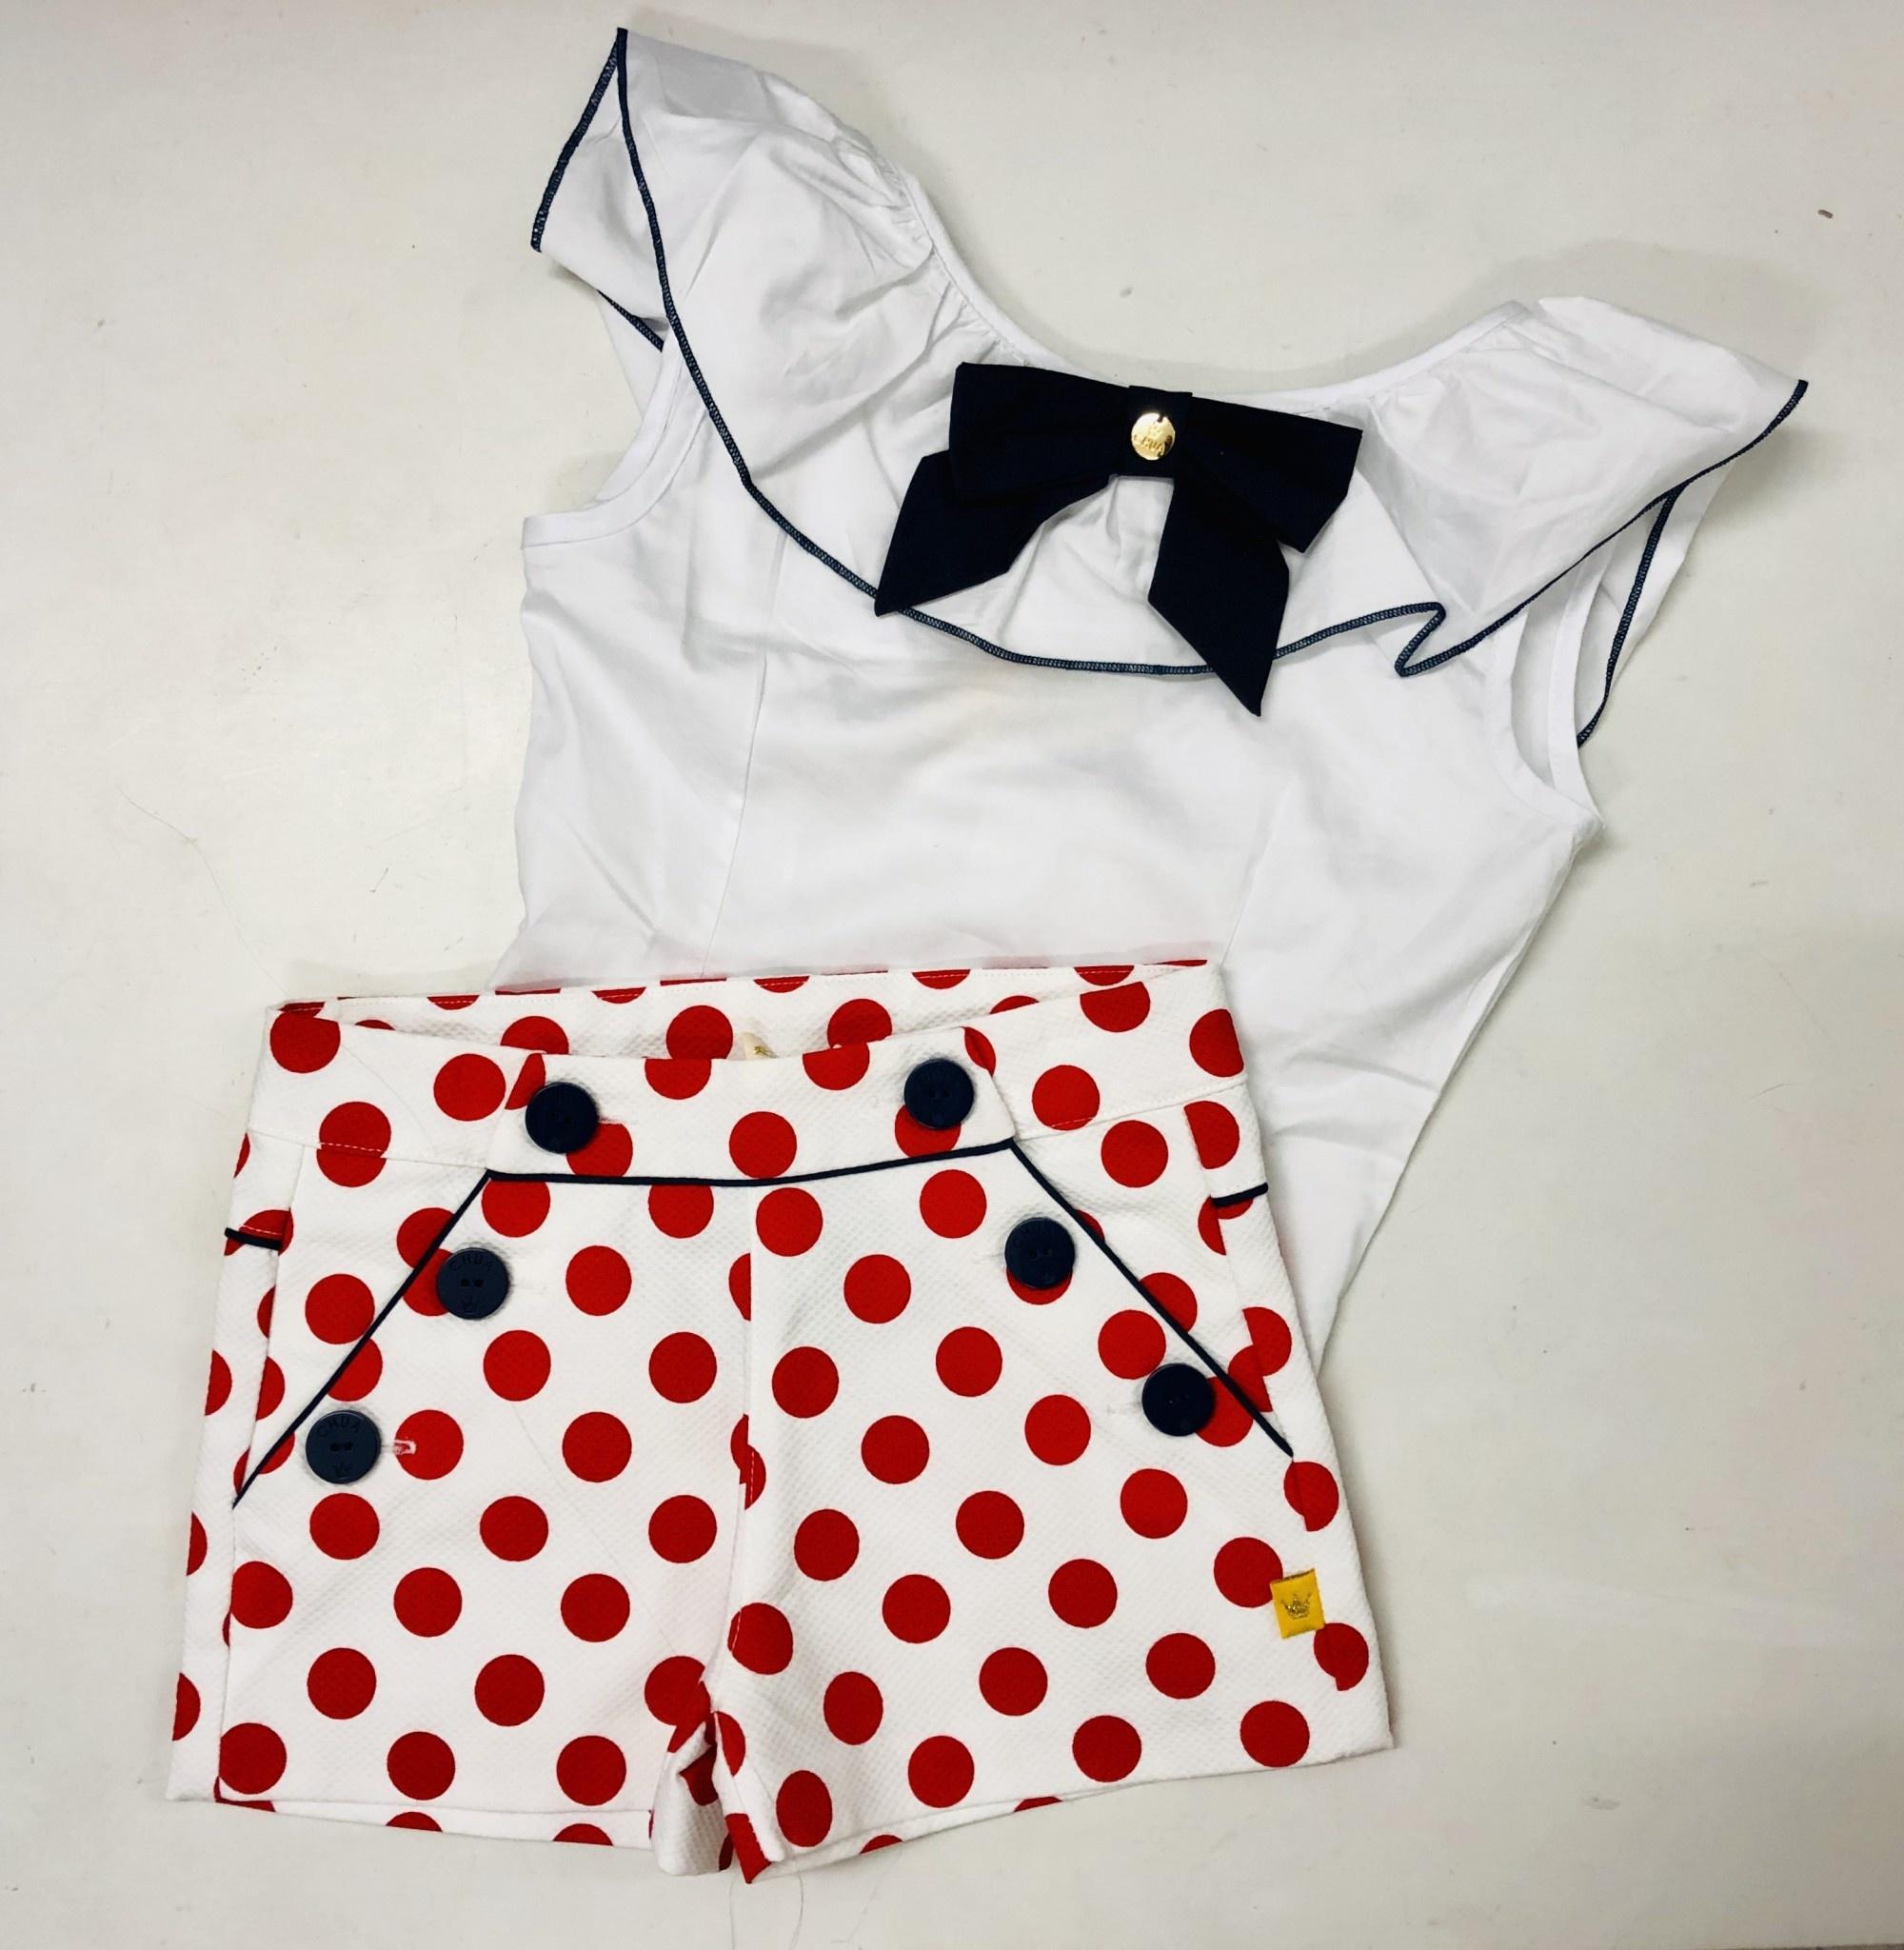 Chua Chua White Top & Red Spot Shorts Set